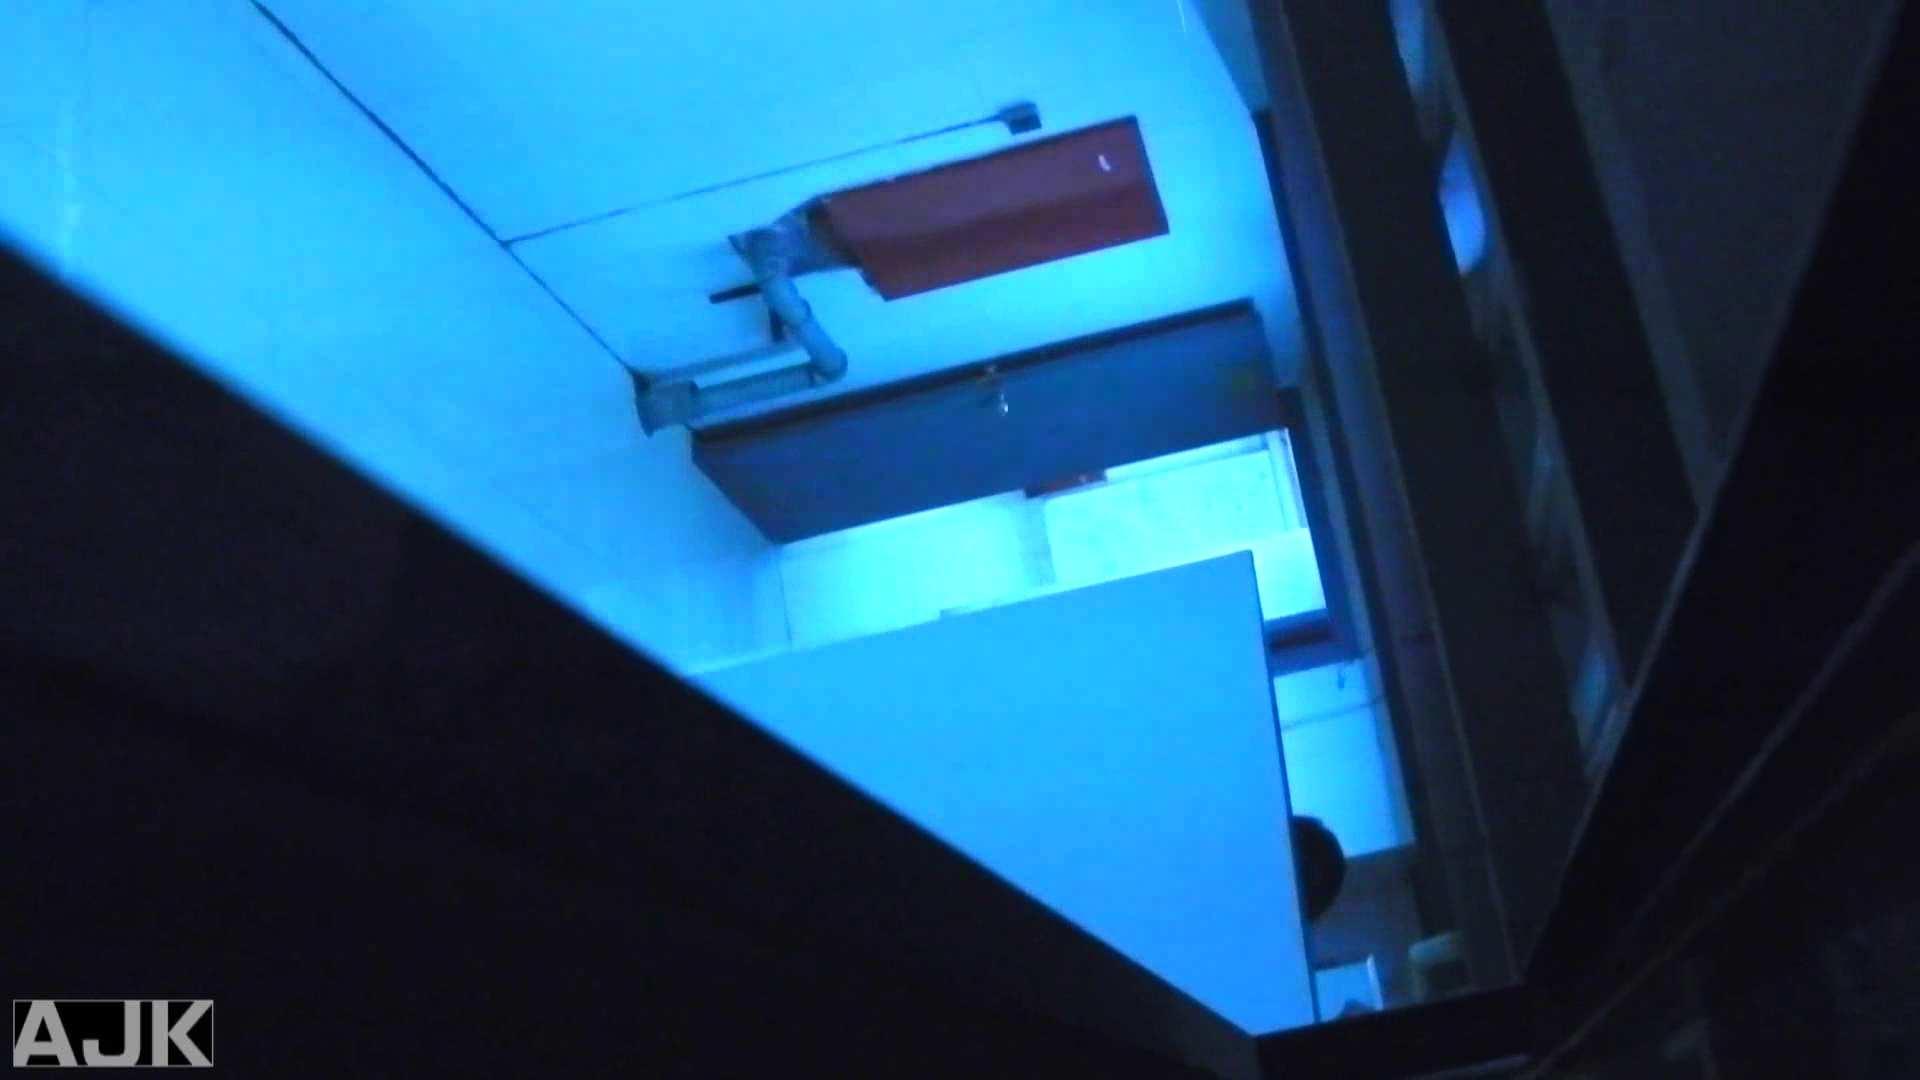 隣国上階級エリアの令嬢たちが集うデパートお手洗い Vol.23 オマンコ見放題 オメコ動画キャプチャ 76枚 50